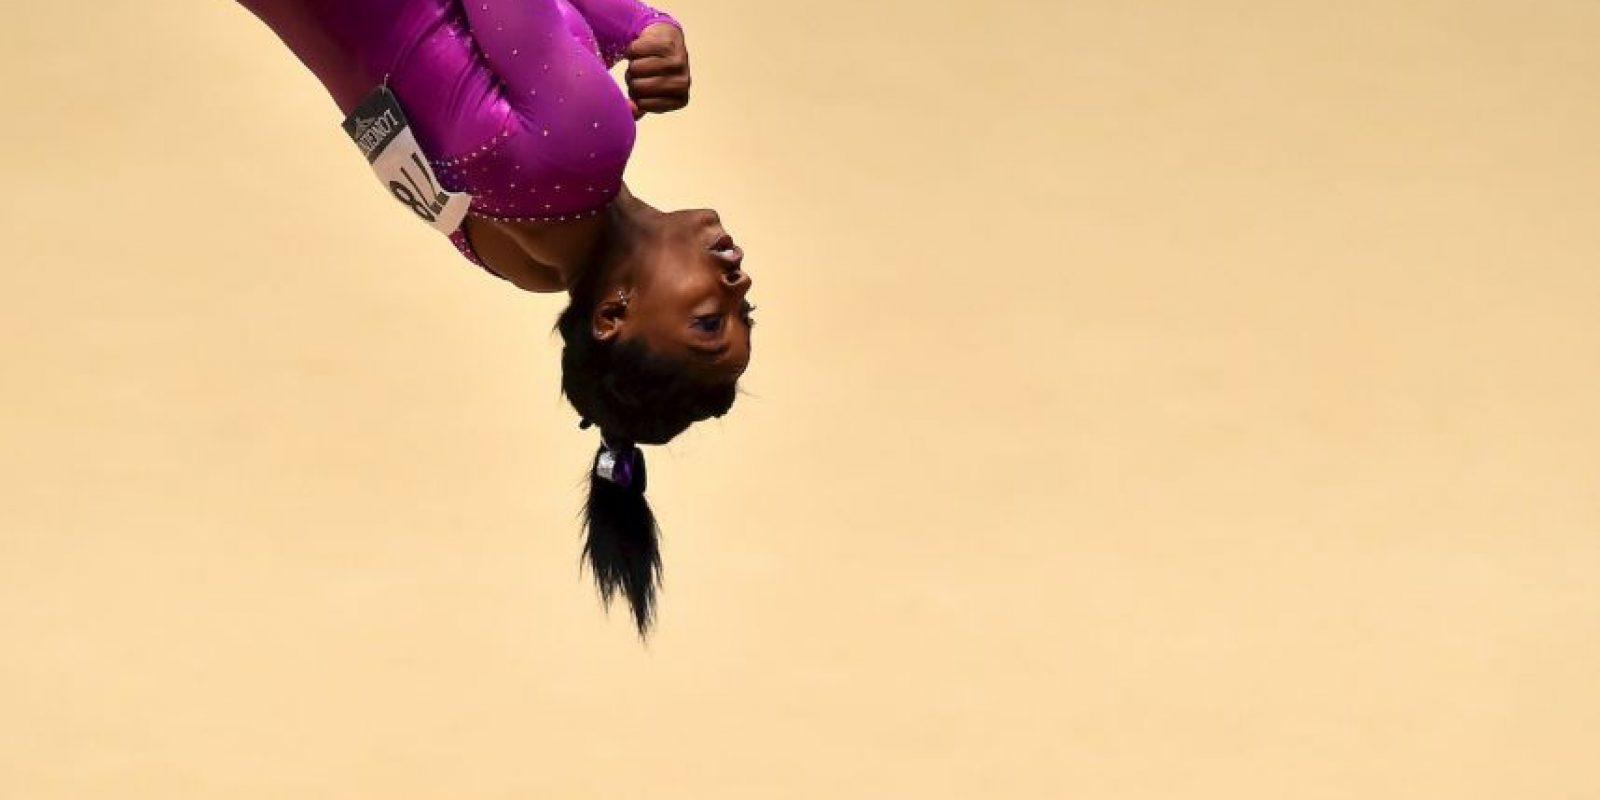 Campeonato Mundial de Gimnasia 2015 en Glasgow, Escocia. Foto:AFP